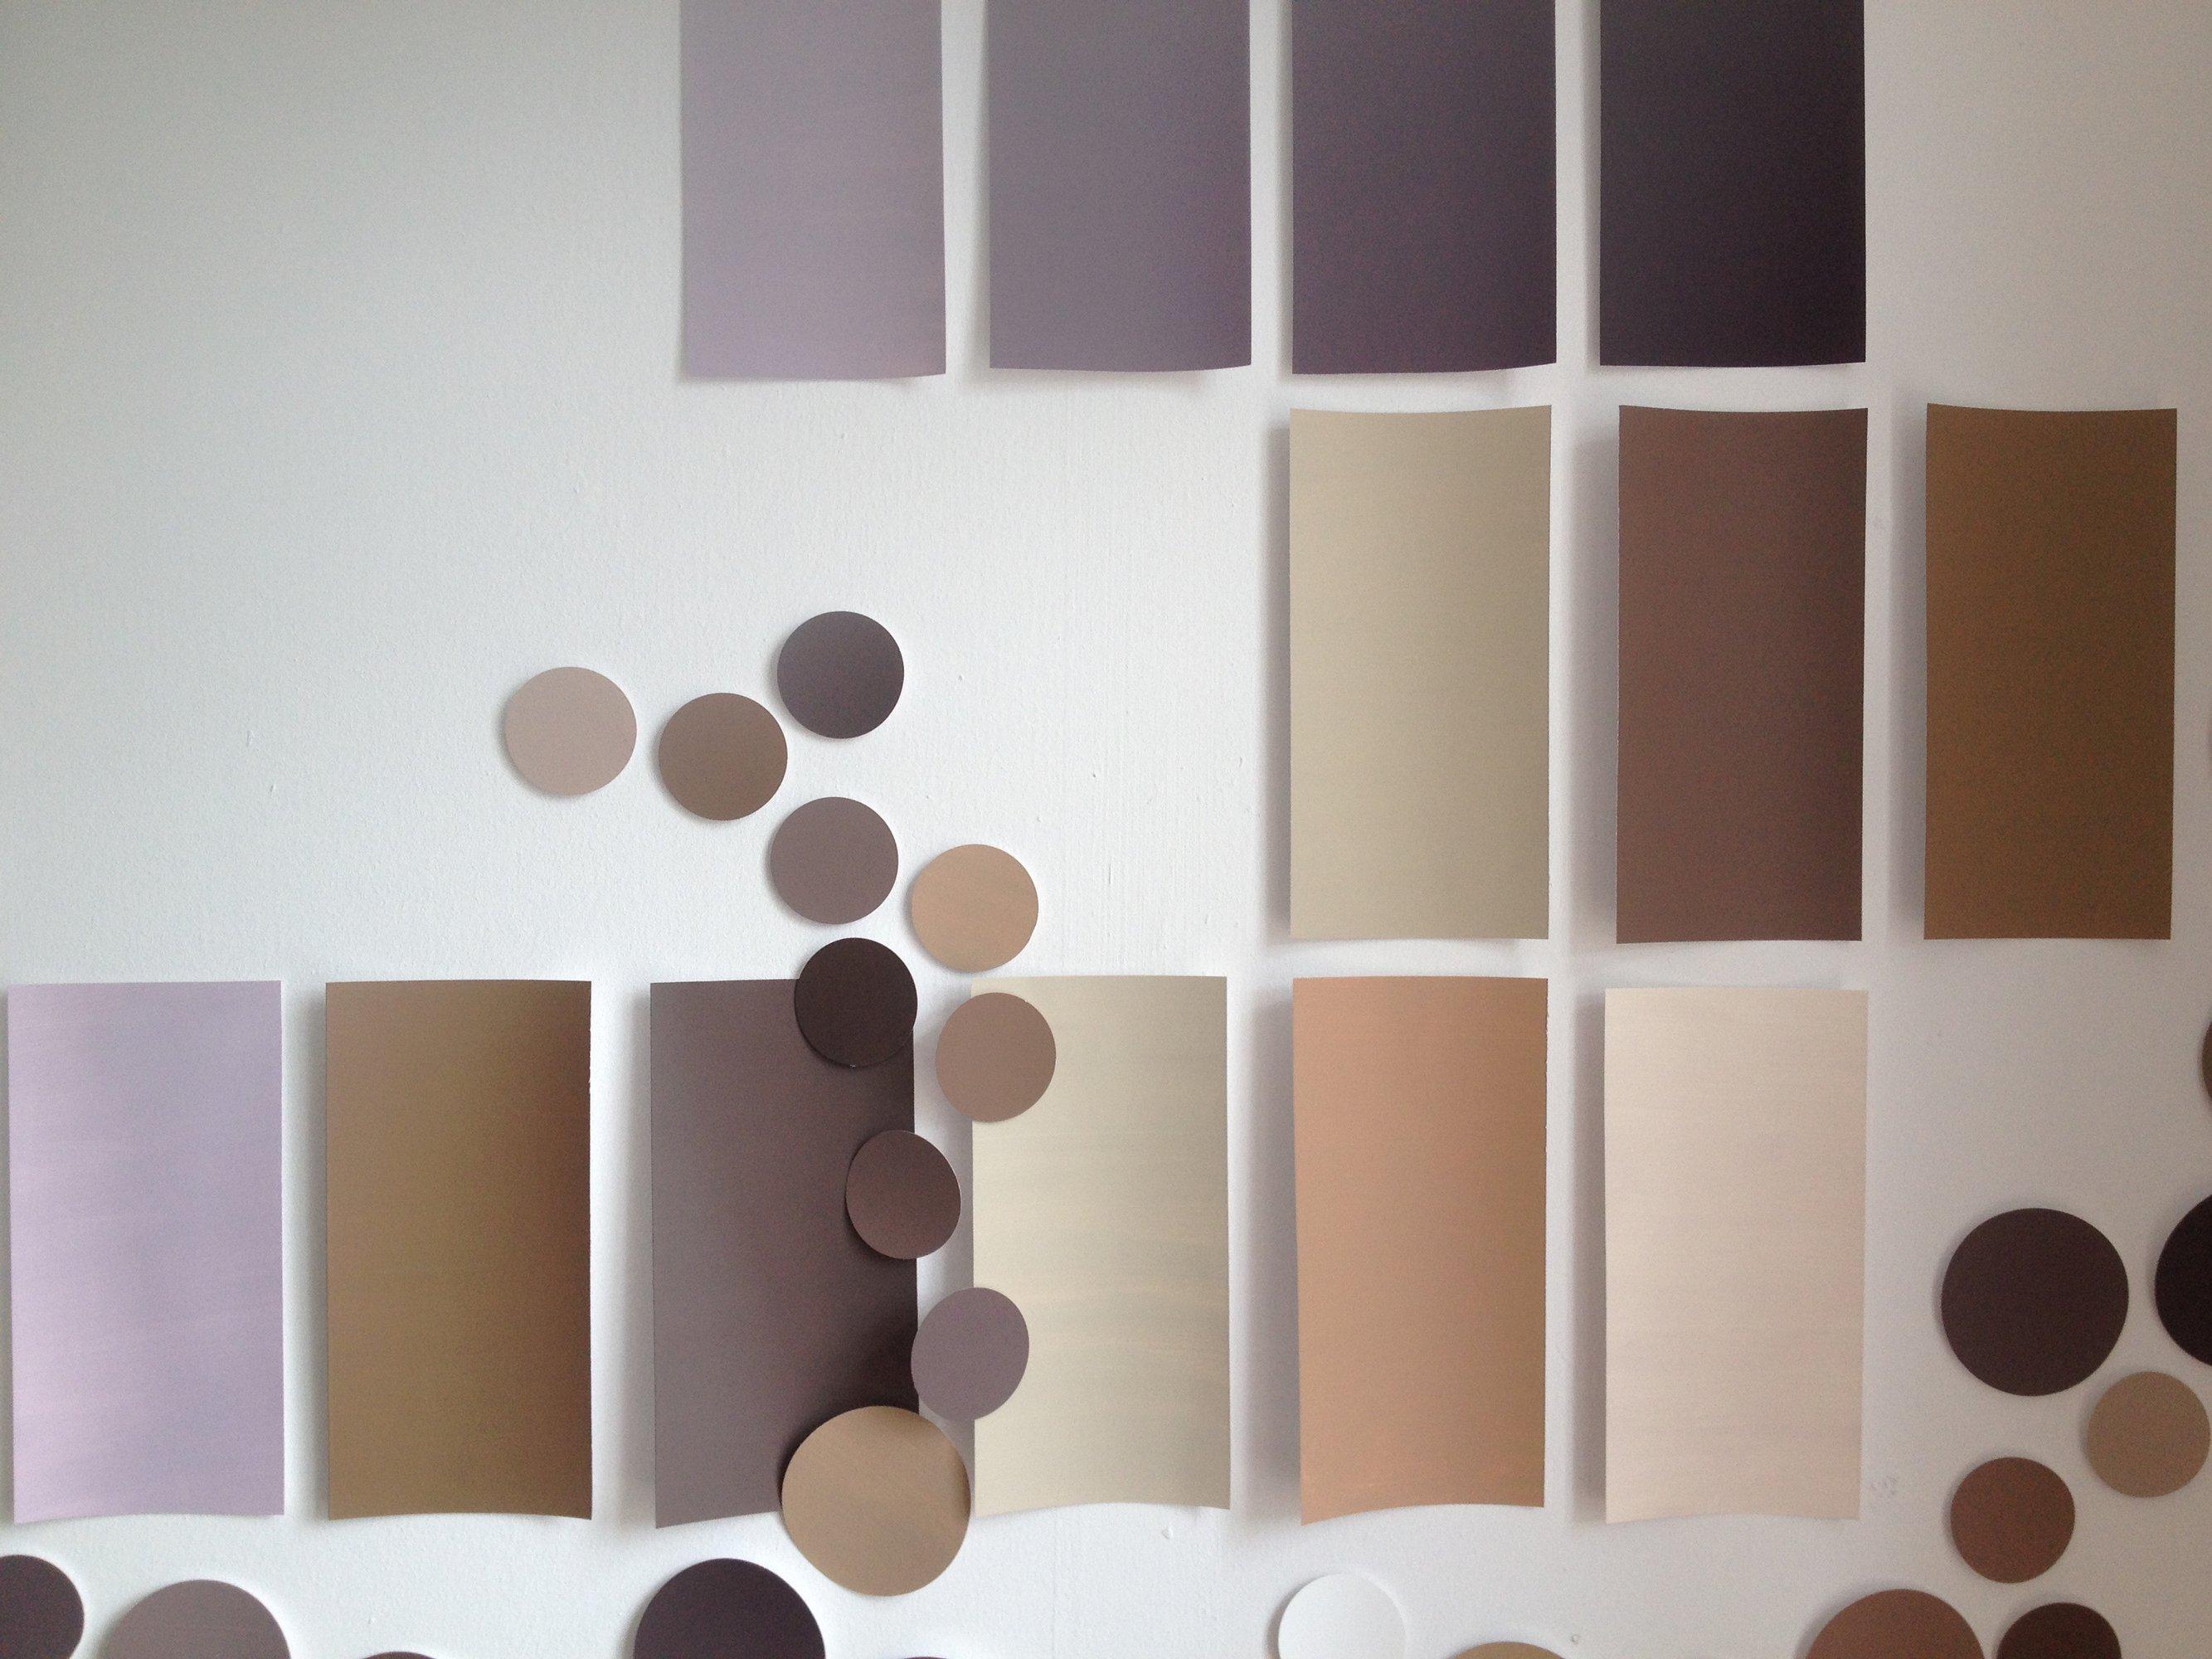 Andrea müller landolt farbgestaltung   farbkarten   farbkarten